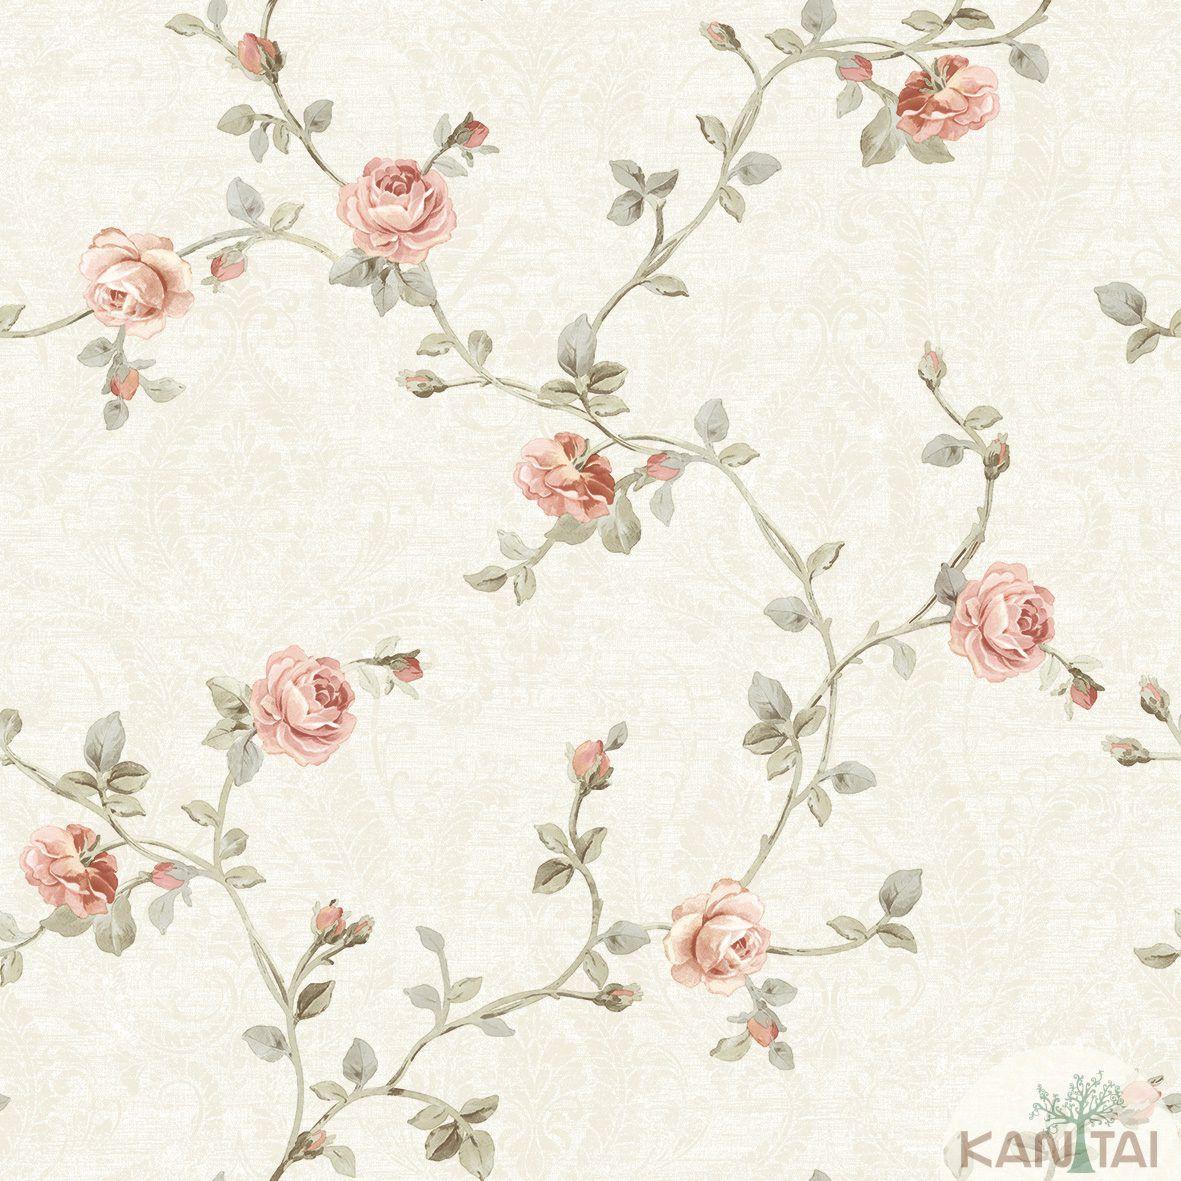 Papel de Parede Kan Tai Non Woven Coleção Flora 2 Baixo relevo Floral Bege claro, Rosa, Dourado